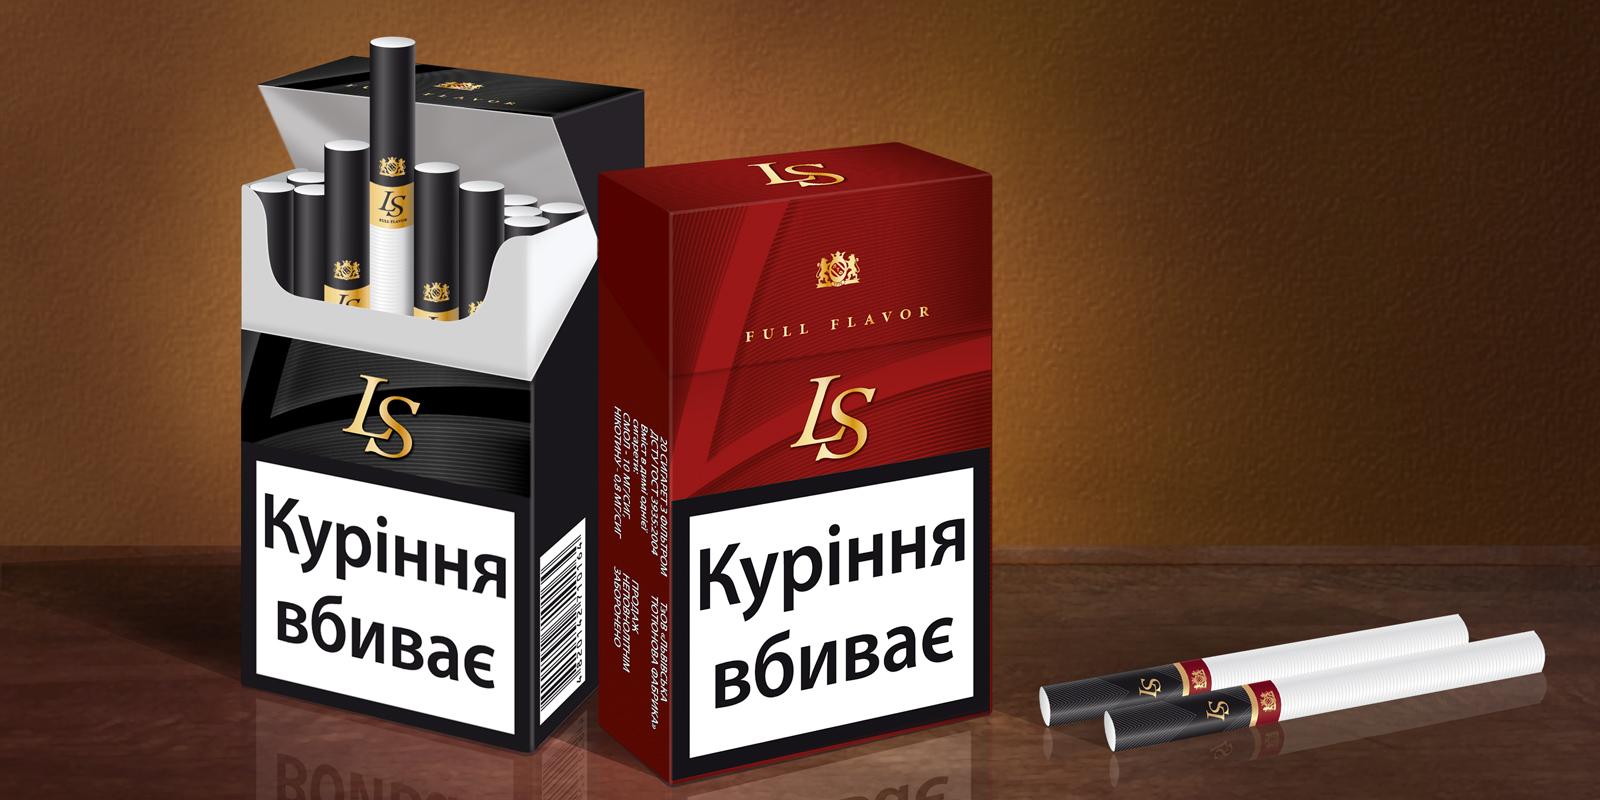 Табачная фабрика купить сигареты филипп моррис купить оптом от производителя сигареты